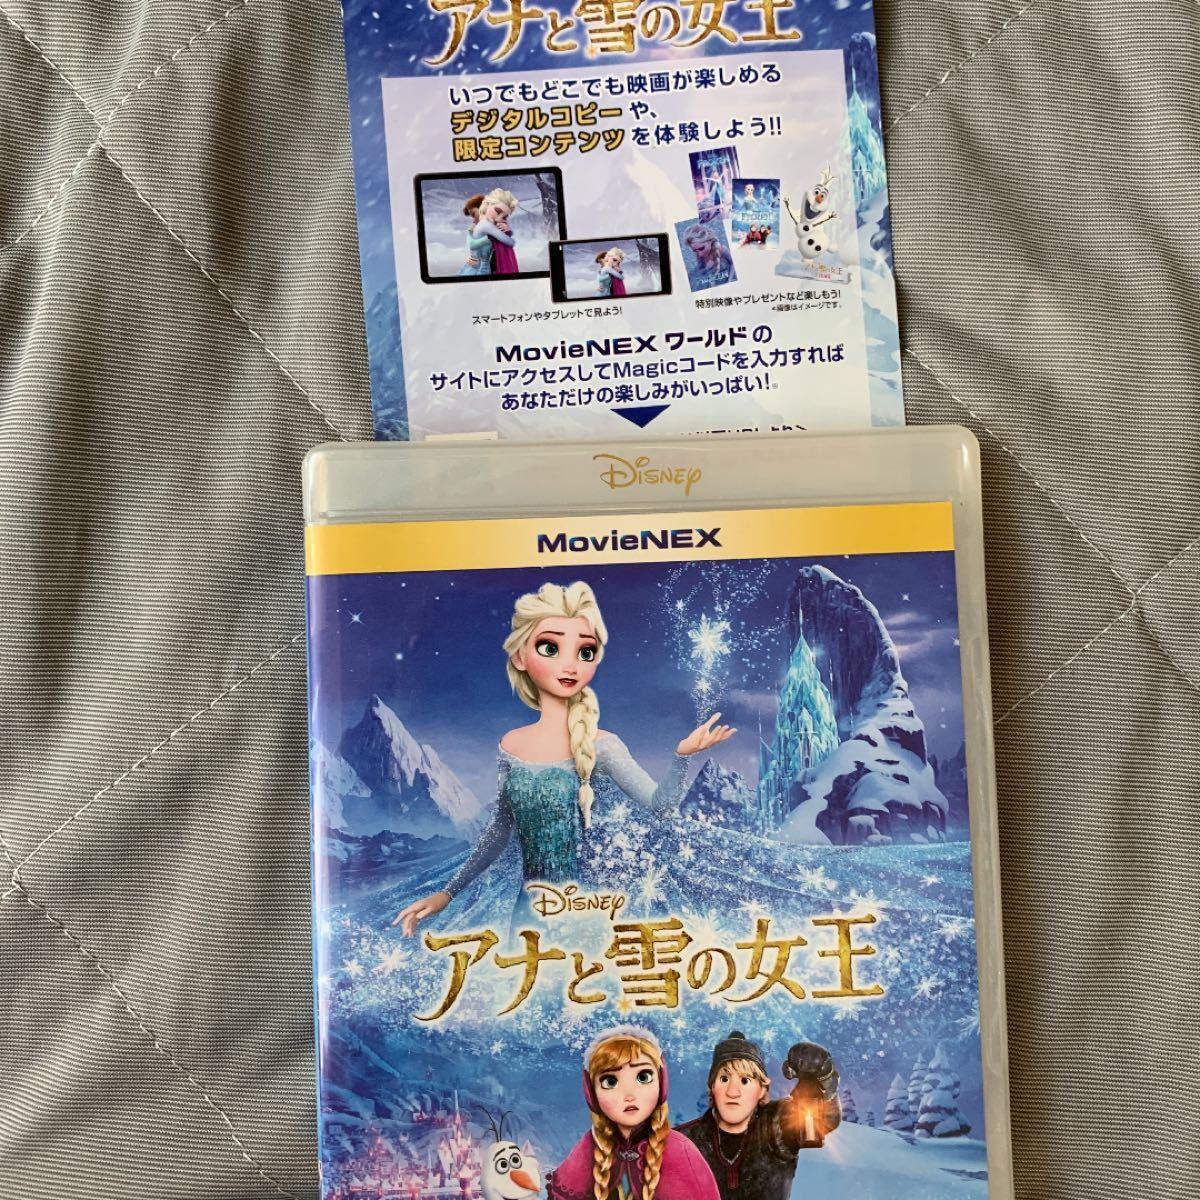 アナと雪の女王 MovieNEX マジックコードのみ